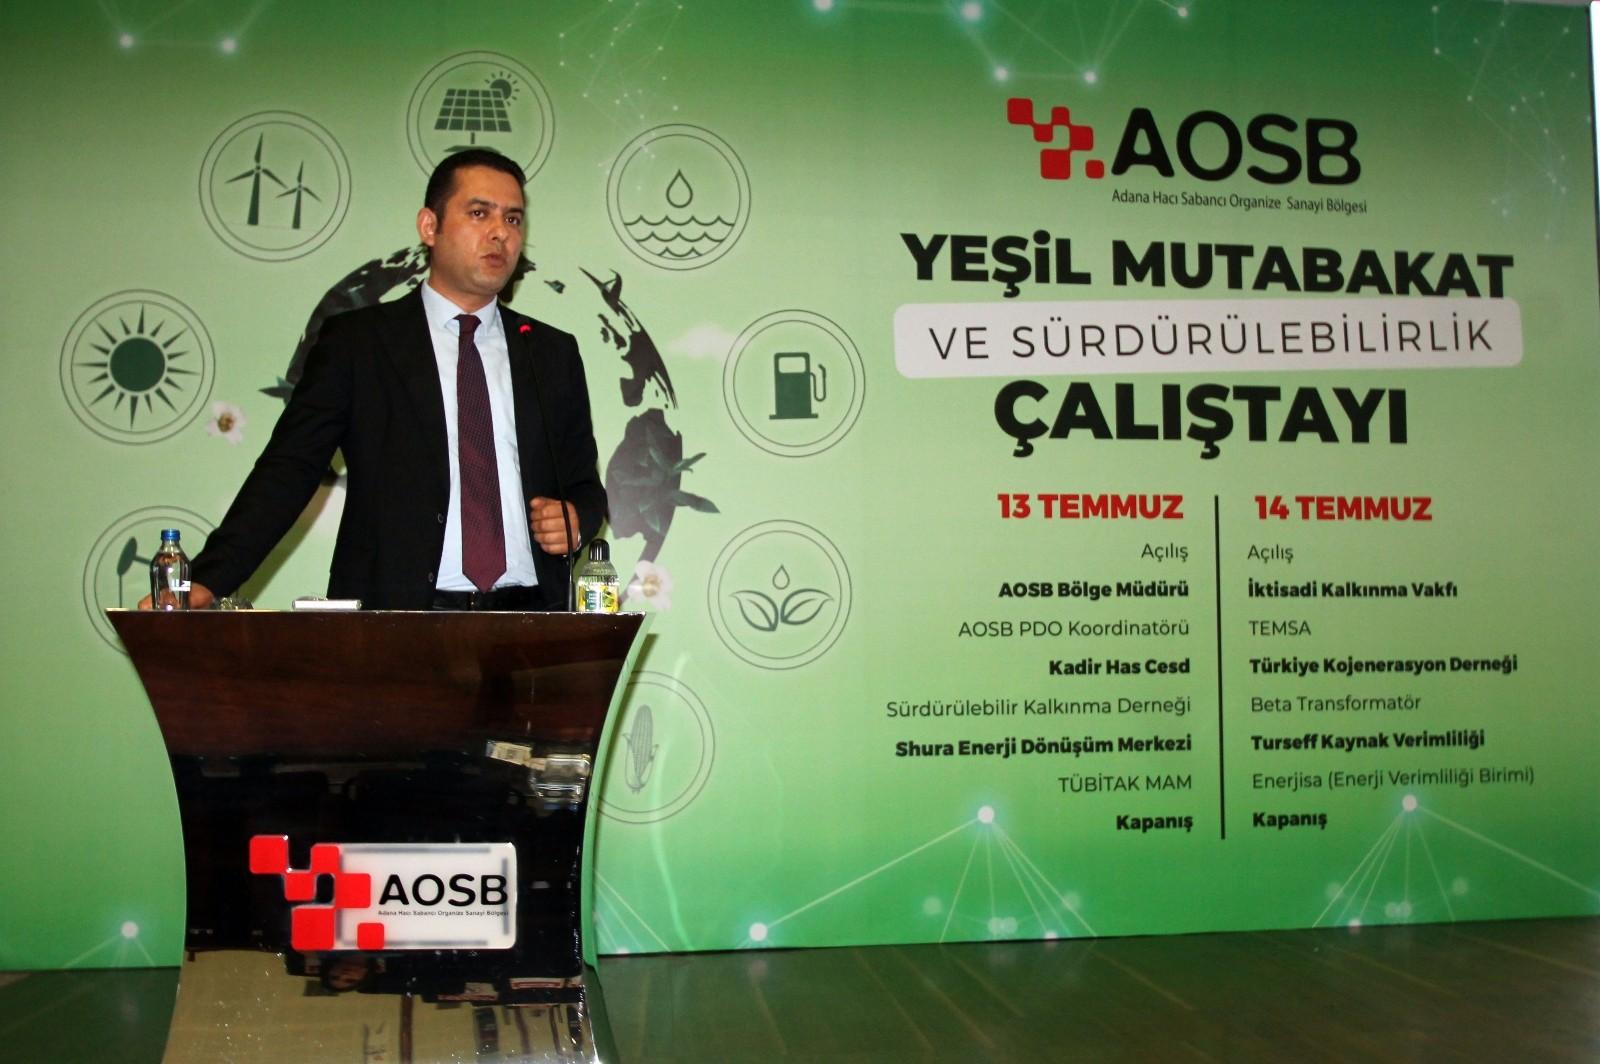 AOSB'de 'Yeşil Mutabakat'ın ilk adımı atıldı